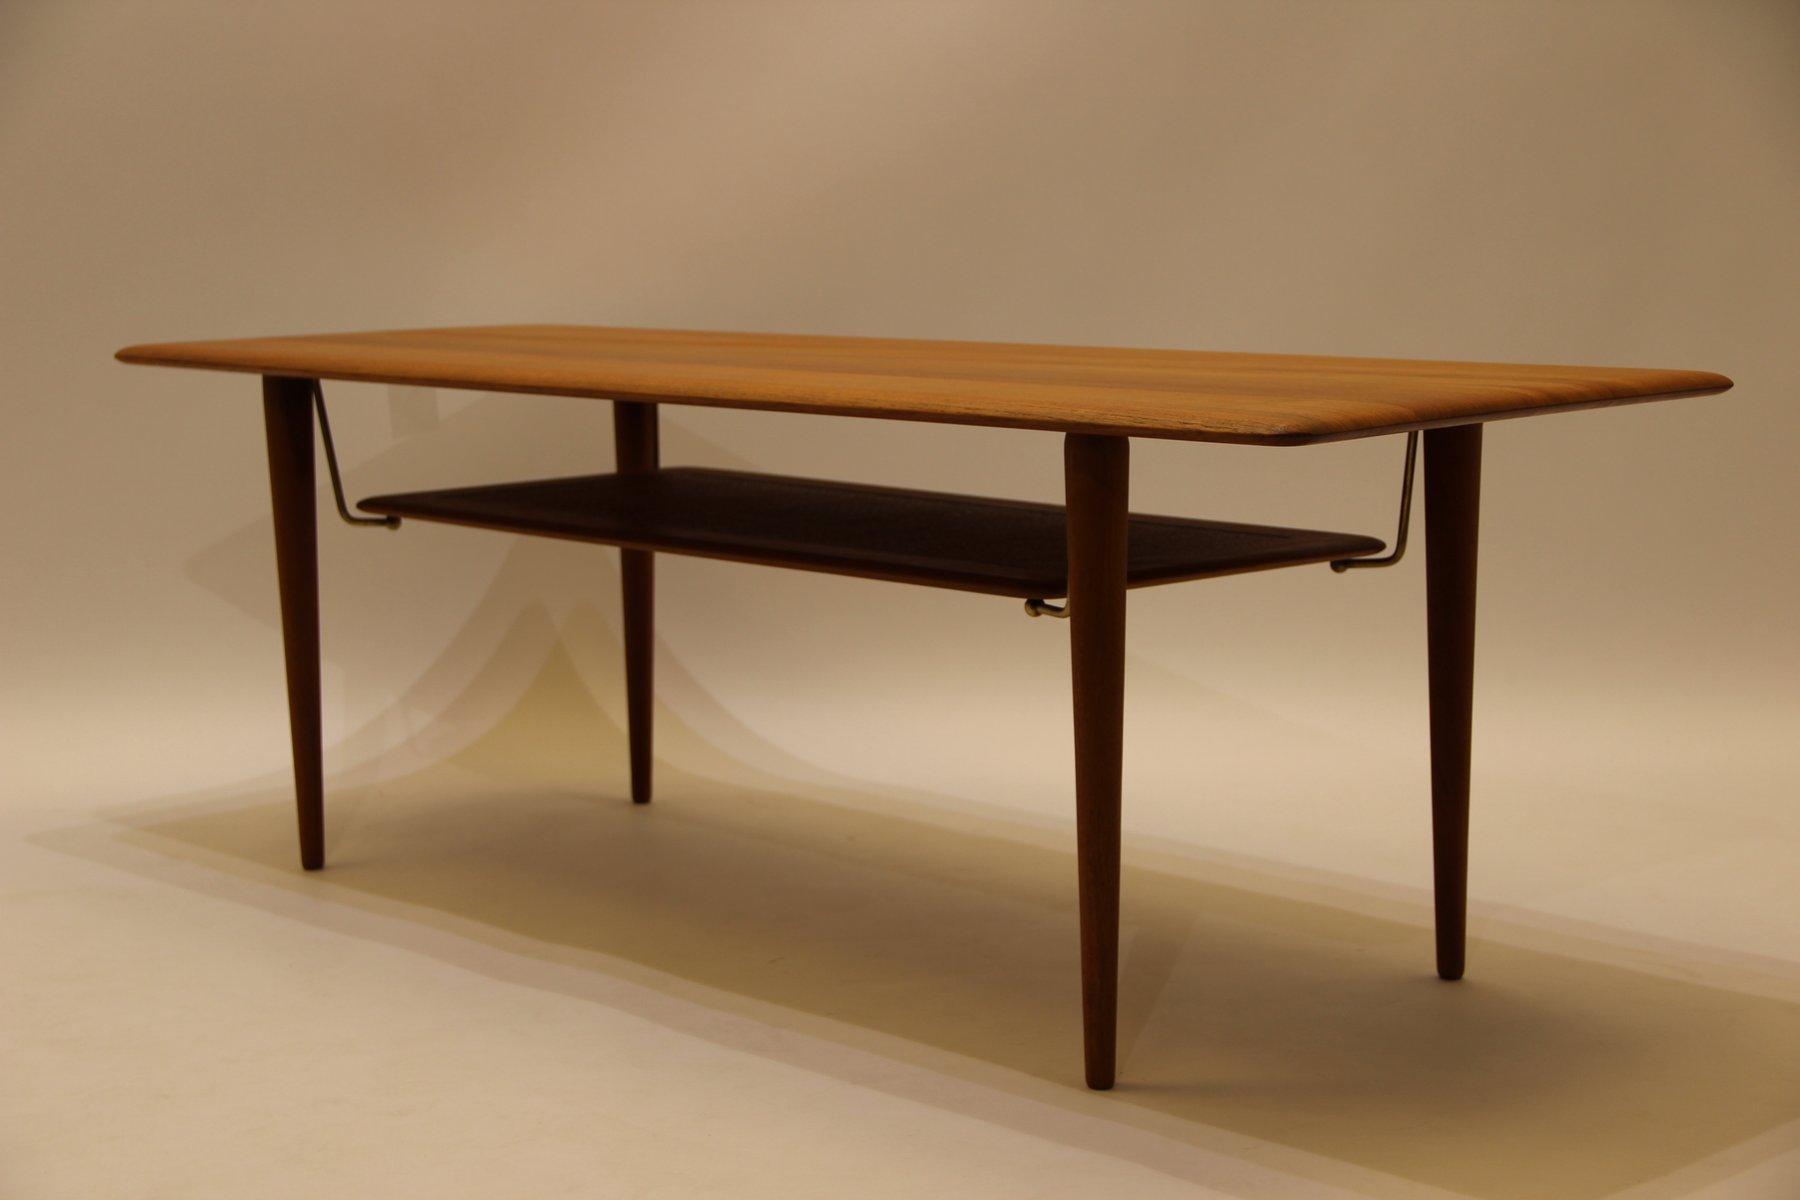 Vintage Fd516 Coffee Table In Teak By Peter Hvidt Orla M Lgaard Nielsen For France